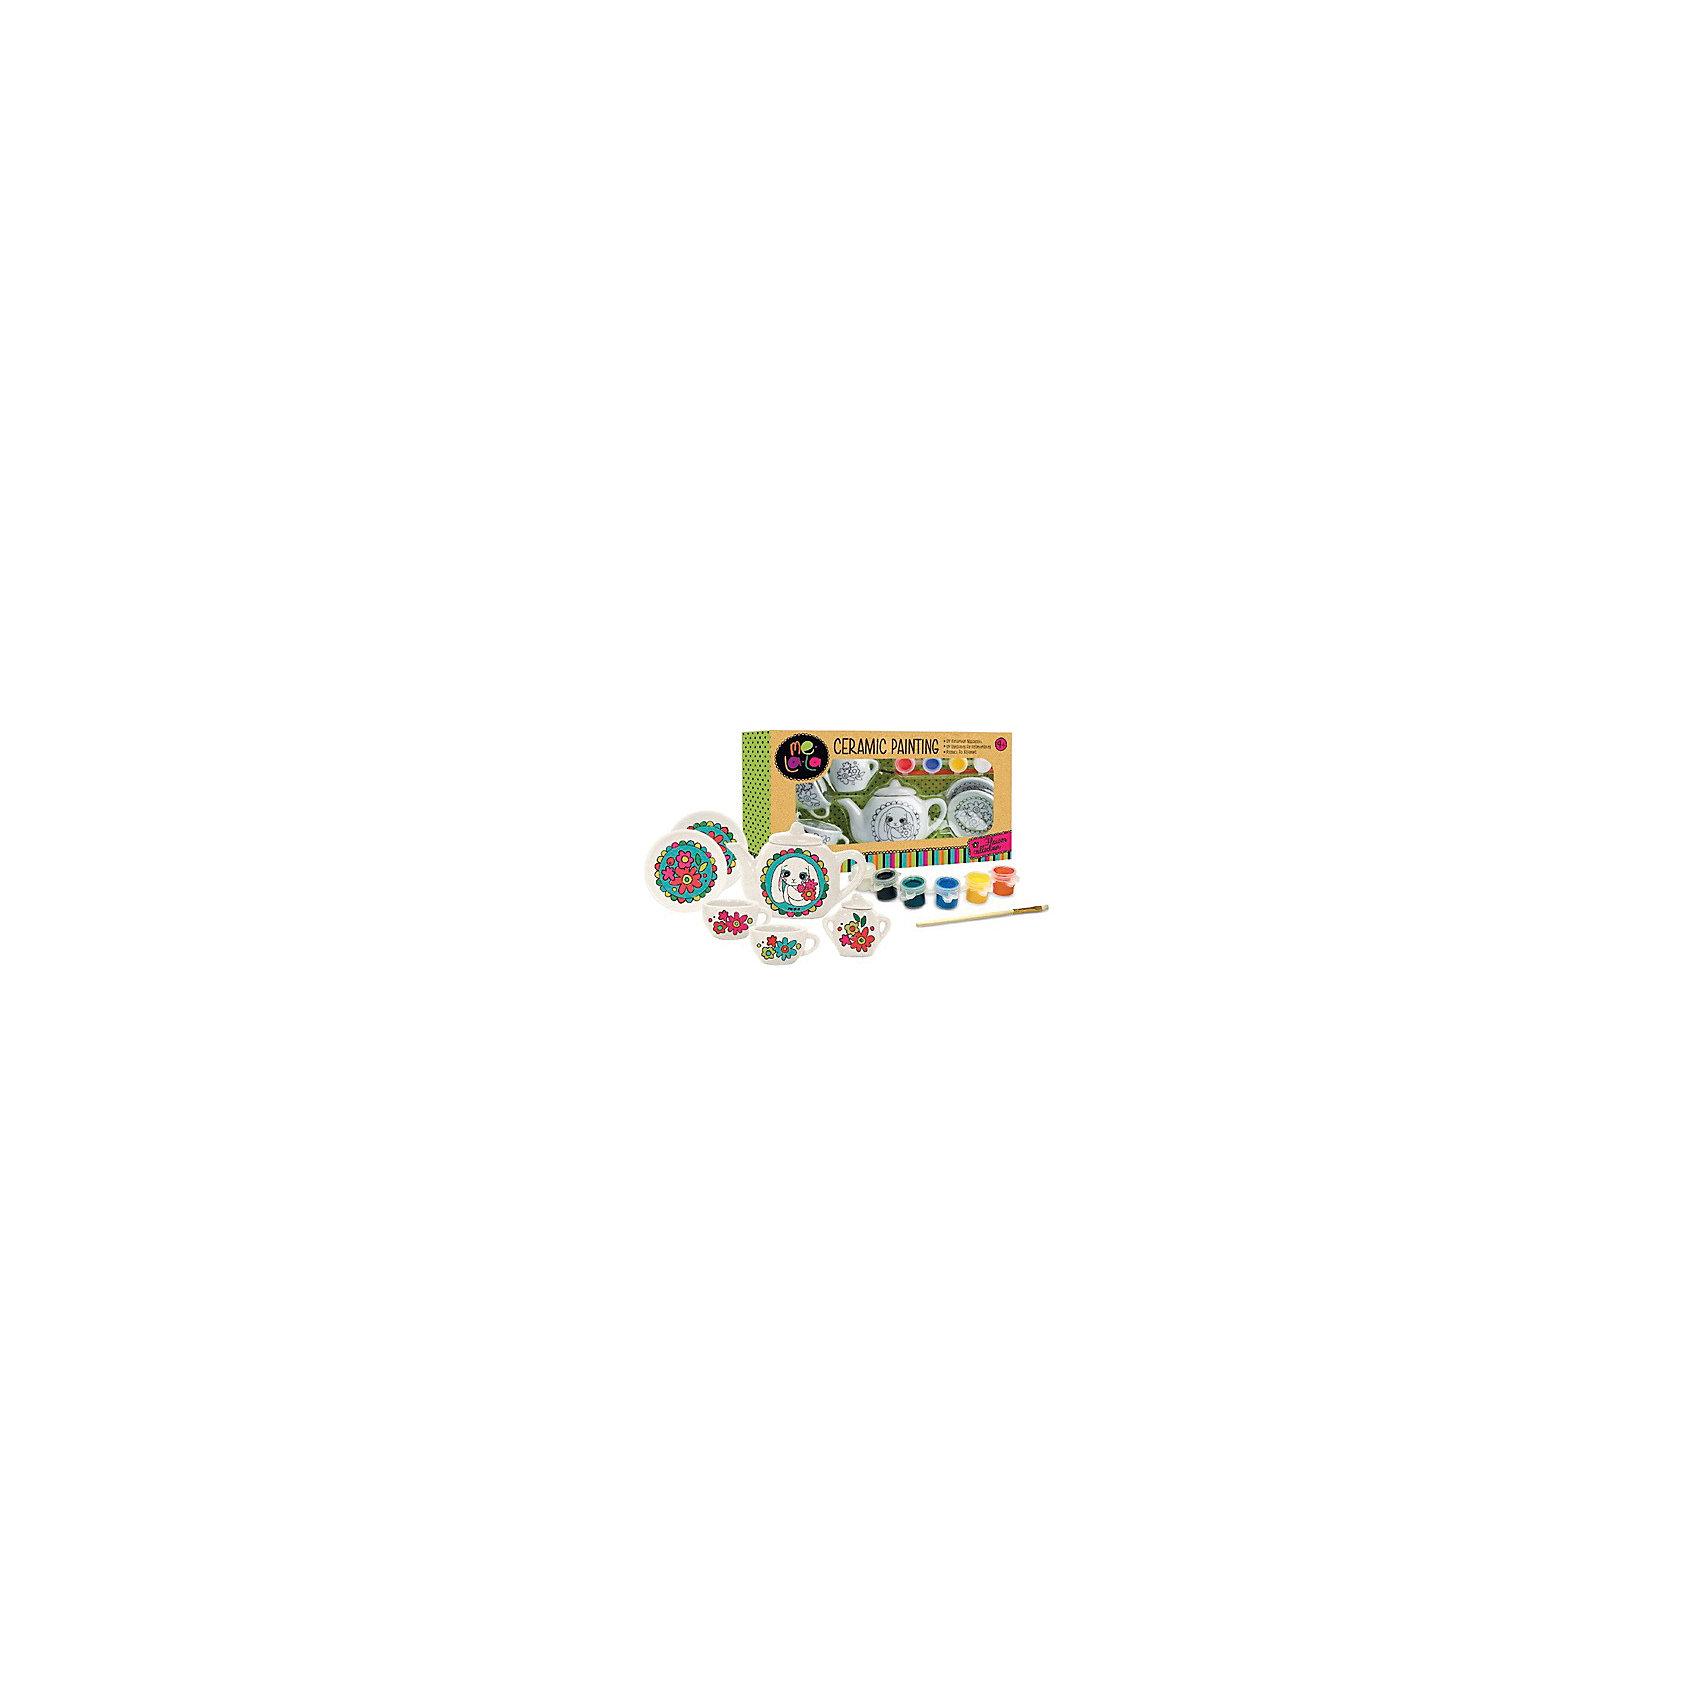 Роспись покерамикеМилыедрузьяРоспись по керамике Милые друзья – это увлекательный набор для творчества.<br>В этом замечательном наборе есть все необходимое для самостоятельной росписи керамического чайного сервиза, в который входит чайник, чашки с блюдцами и сахарница. На чайничке нарисован контурным изображением милый зайчик с букетом цветов, а на других деталях сервиза — красивые фантазийные цветы. Ребенок сможет самостоятельно раскрасить контурные изображения в абсолютно любые цвета. В наборе есть краски, которые можно смешивать для получения необходимого оттенка, и кисточка. Занятия с набором способствуют развитию вкуса, воображения и творческих способностей ребенка.<br><br>Дополнительная информация:<br><br>- В наборе: керамический сервиз с контурным рисунком (8 предметов), палитра с 4 красками, кисточка, инструкция<br>- Размер упаковки: 23х4х15 см.<br>- Вес: 278 гр.<br><br>Набор Роспись по керамике Милые друзья можно купить в нашем интернет-магазине.<br><br>Ширина мм: 230<br>Глубина мм: 40<br>Высота мм: 150<br>Вес г: 278<br>Возраст от месяцев: 48<br>Возраст до месяцев: 120<br>Пол: Унисекс<br>Возраст: Детский<br>SKU: 4623198